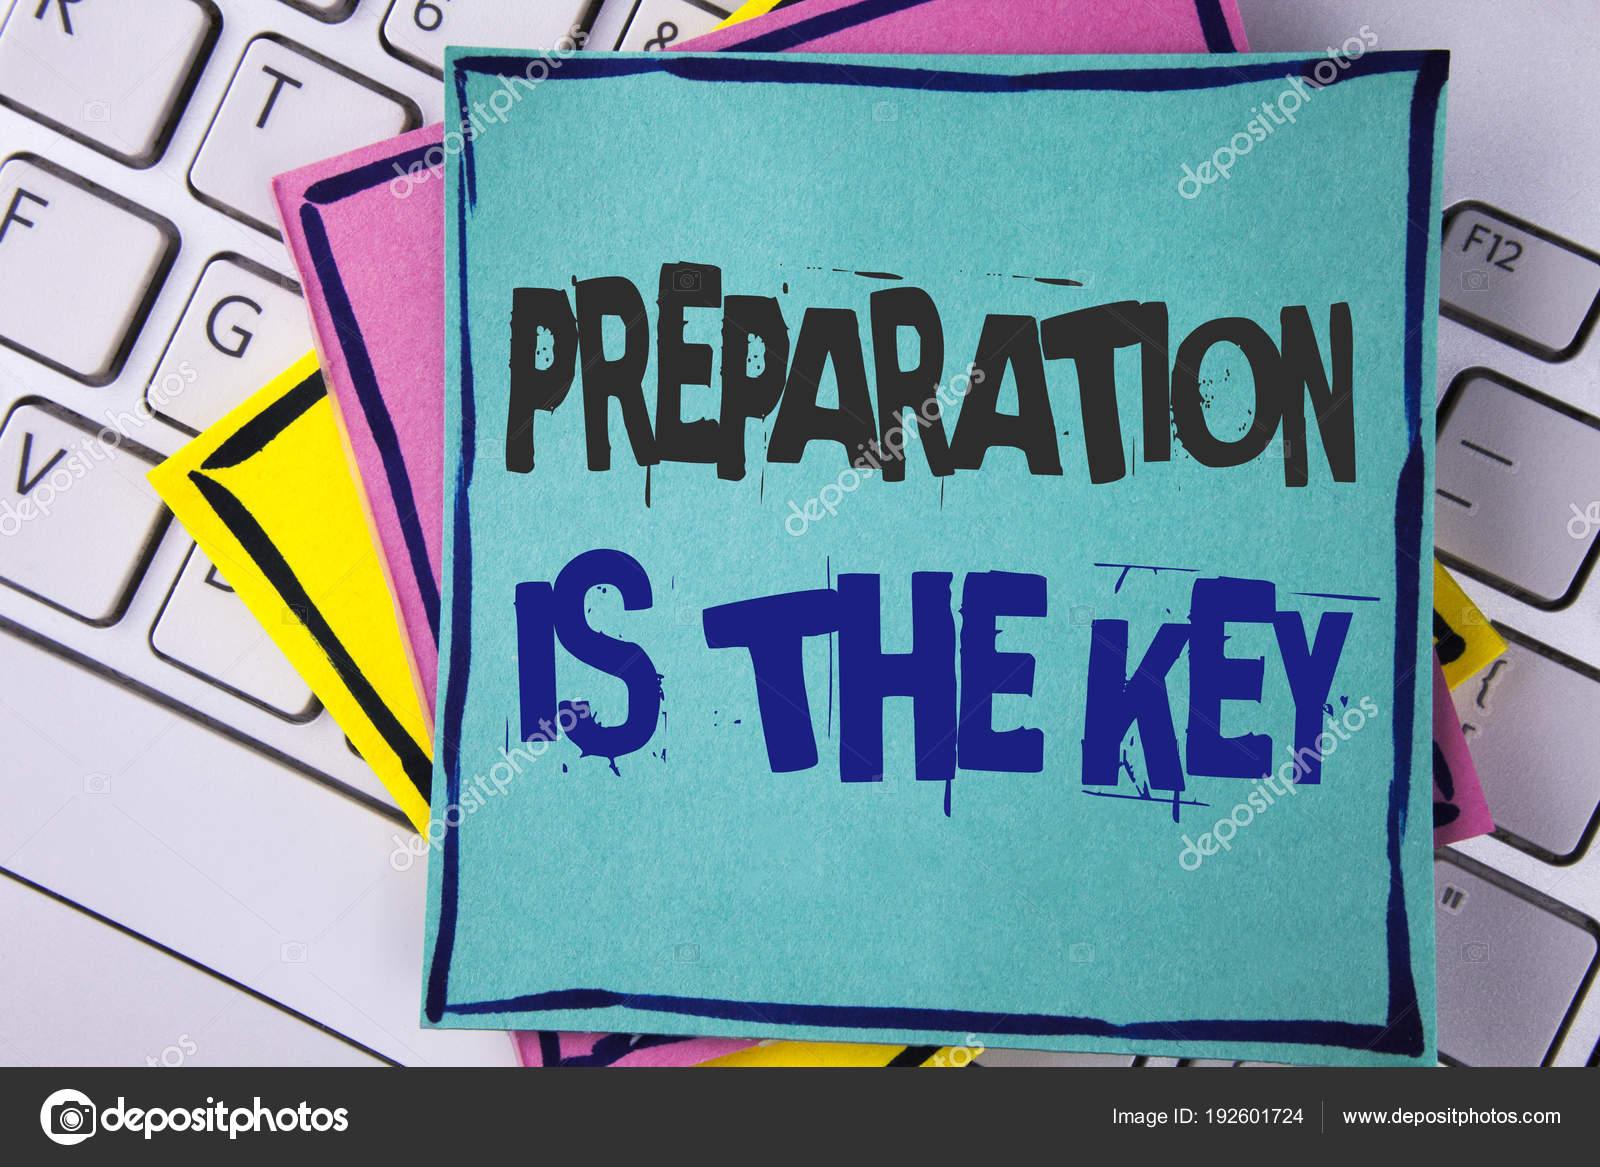 Bir motivasyon mektubu, yeni bir hayatın başarılı başlangıcı için anahtardır